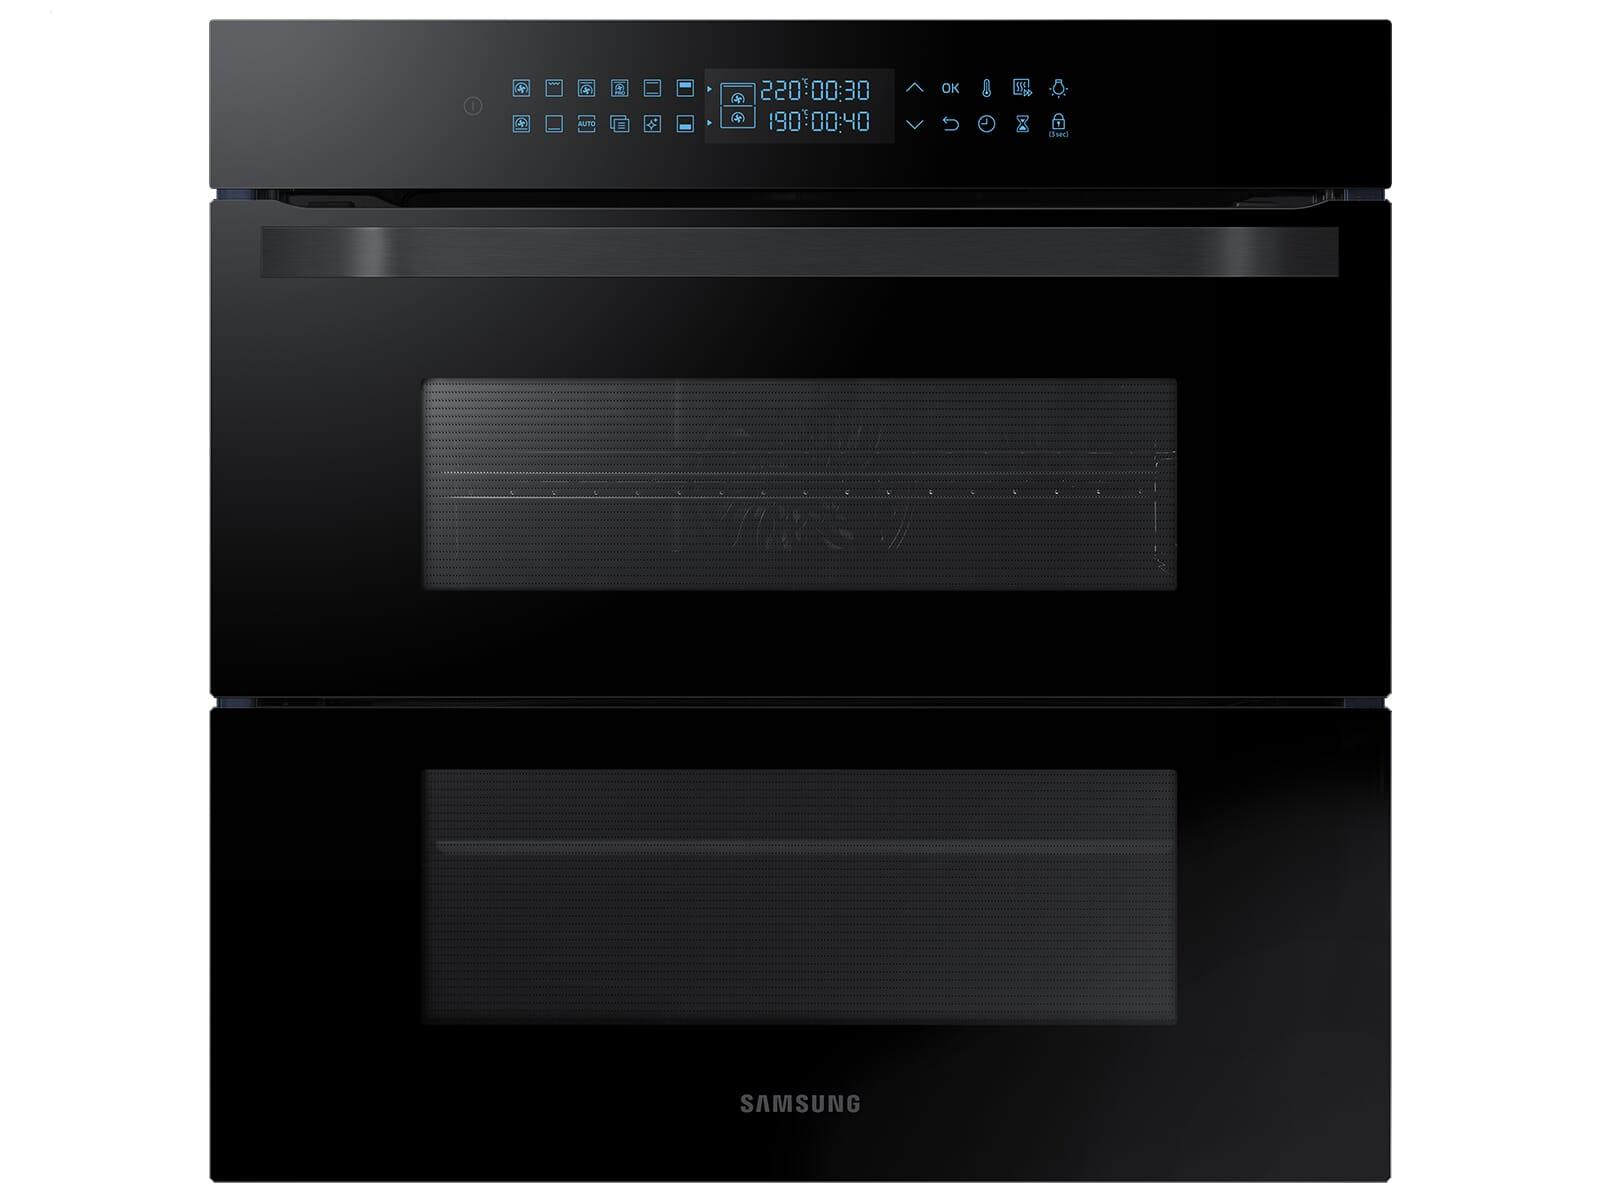 Samsung NV75R7676RB/EG Pyrolyse Backofen Schwarz